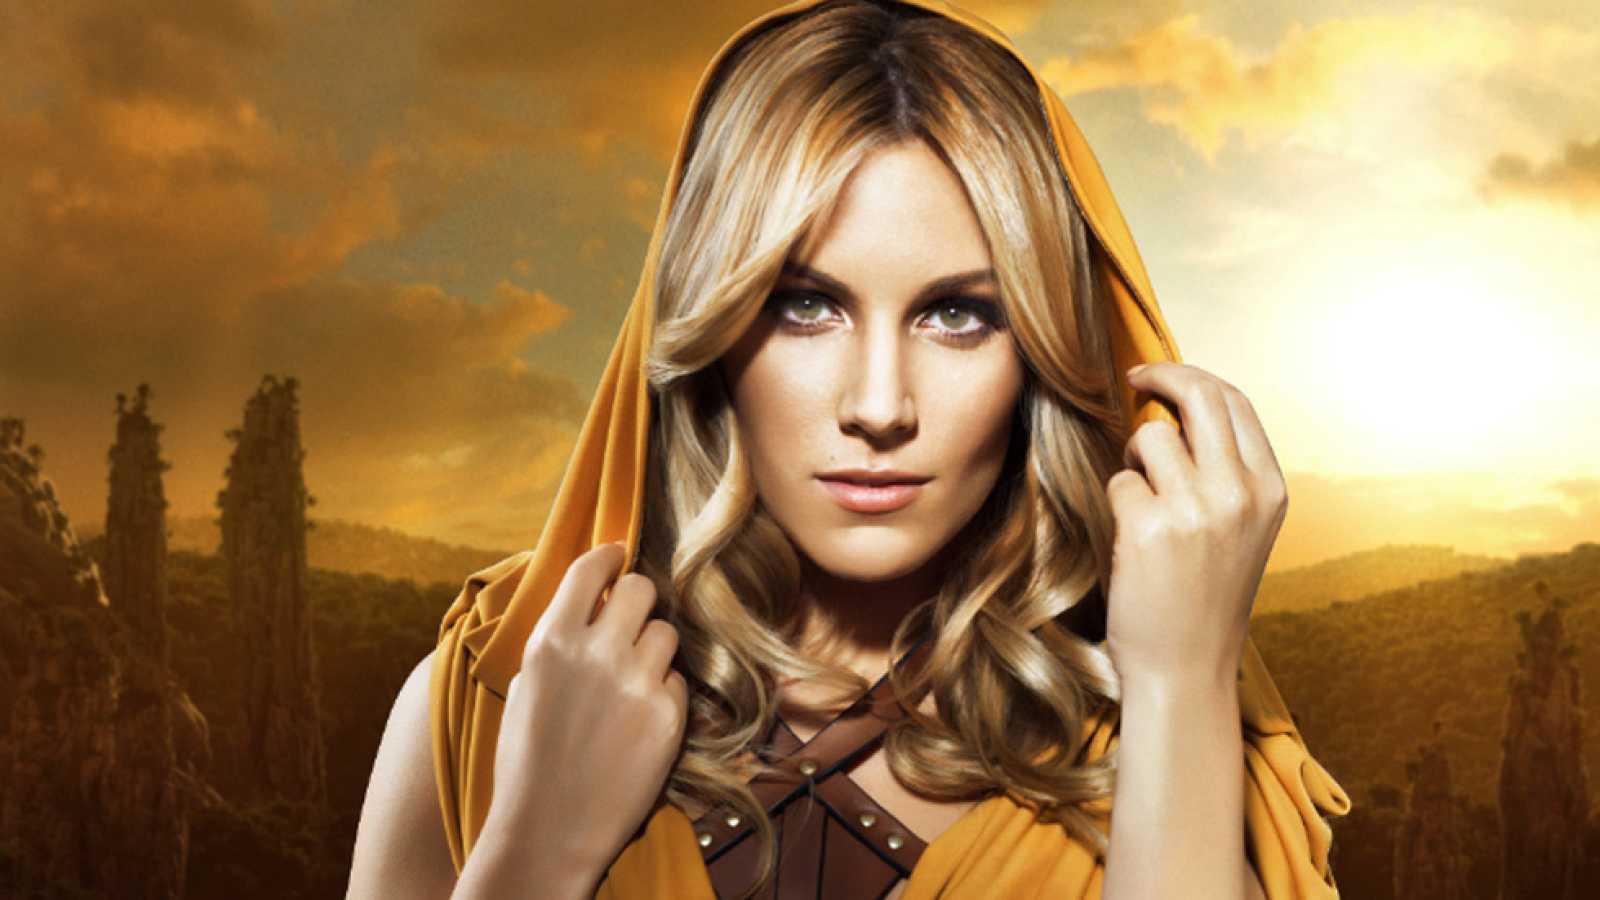 Eurovisión - Primeras imágenes en exclusiva del videoclip de Edurne para Eurovisión